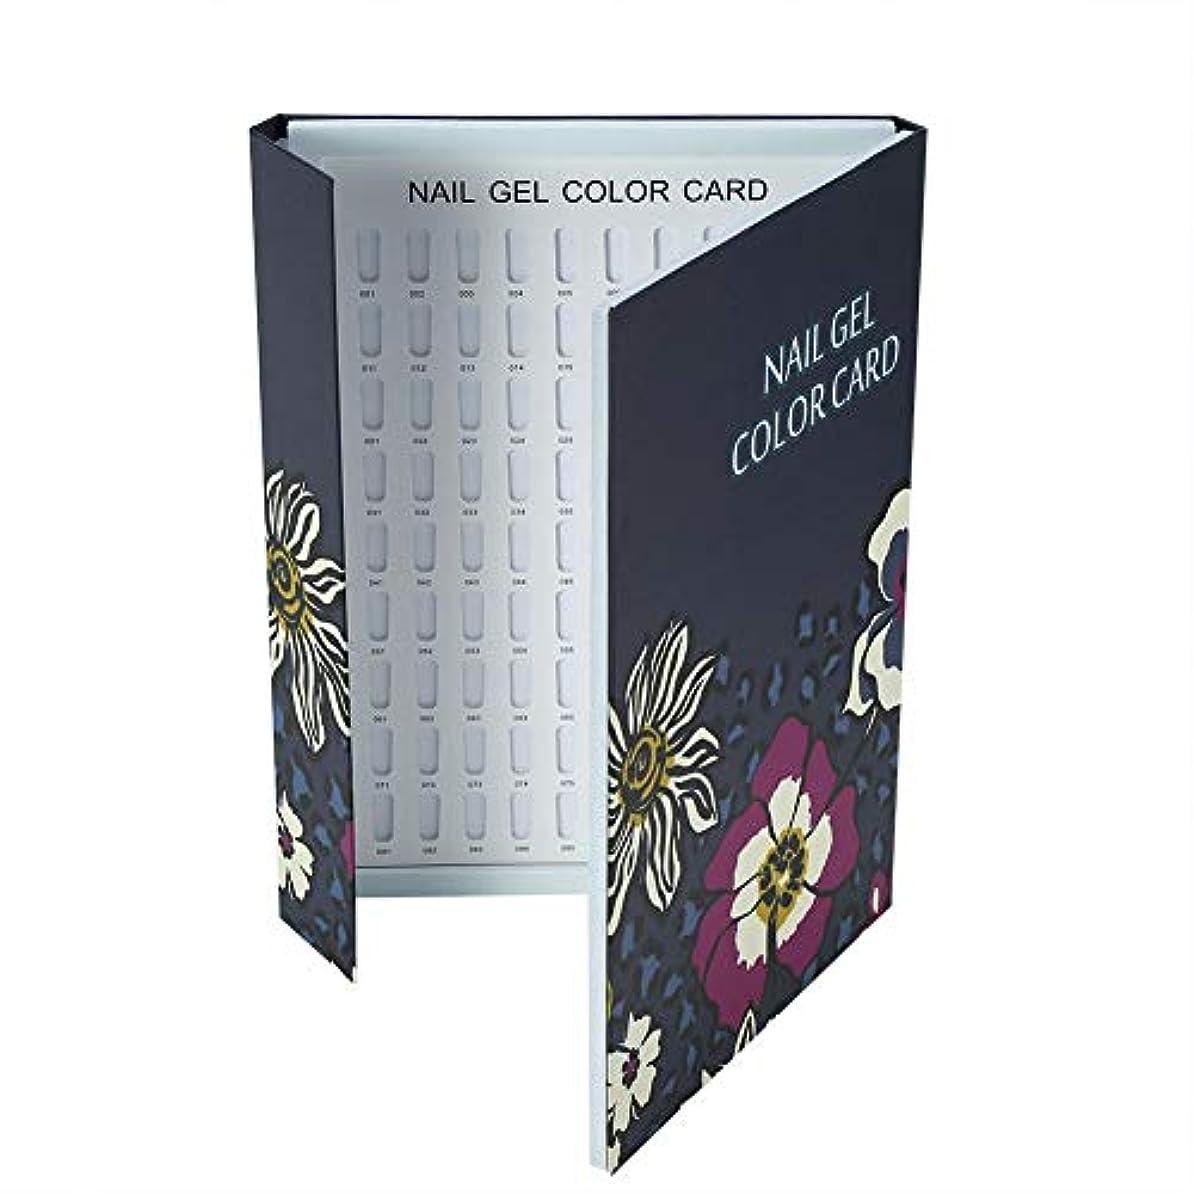 うれしい知恵うねるカラーチャート ネイル - Delaman ネイル 色見本、ブック型、180色、カラーガイド、ジェルネイル、サンプル帳、ネイルアート、サロン、青/緑 (Color : 青)